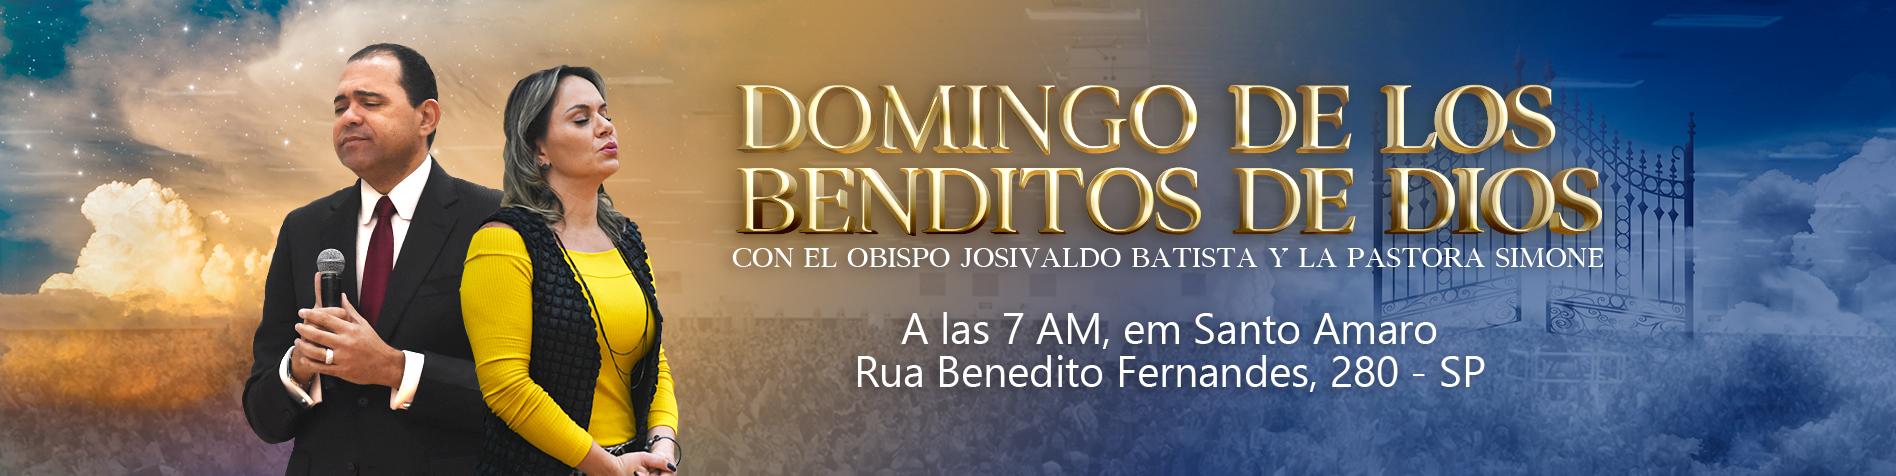 Culto Benditos de Deus // Bp. Josivaldo